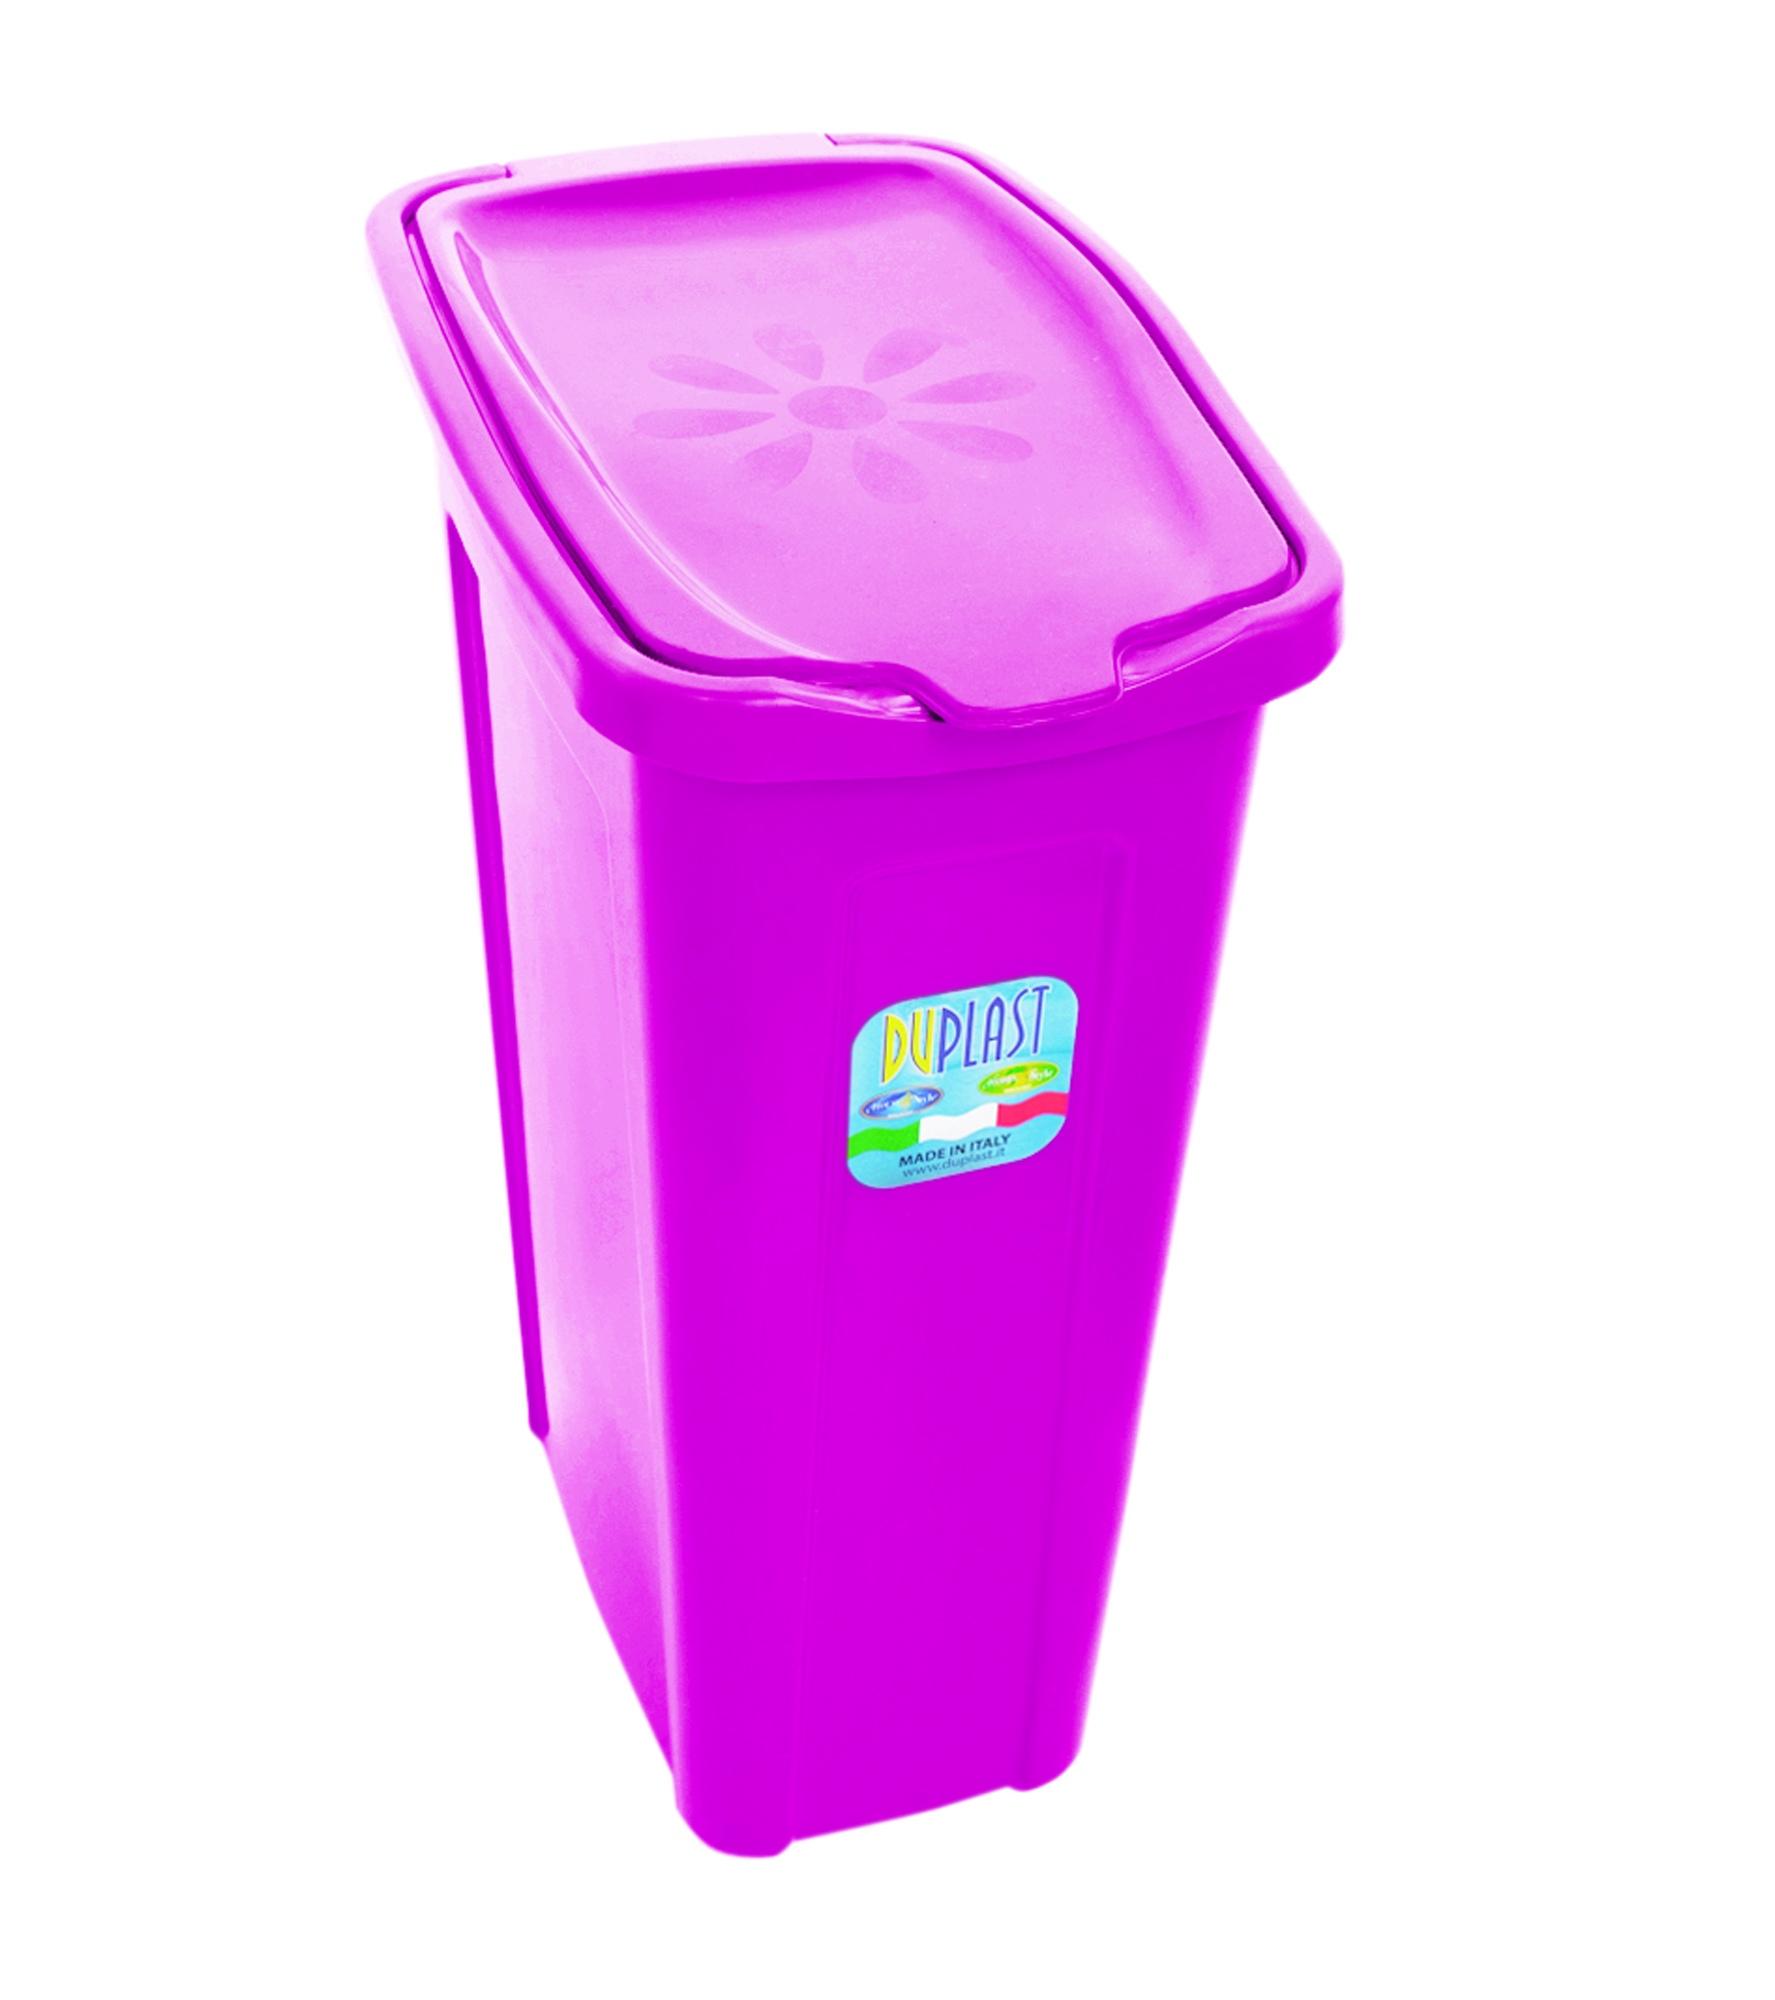 35 Litre Slim Washing Basket Laundry Bin With Lid Hamper